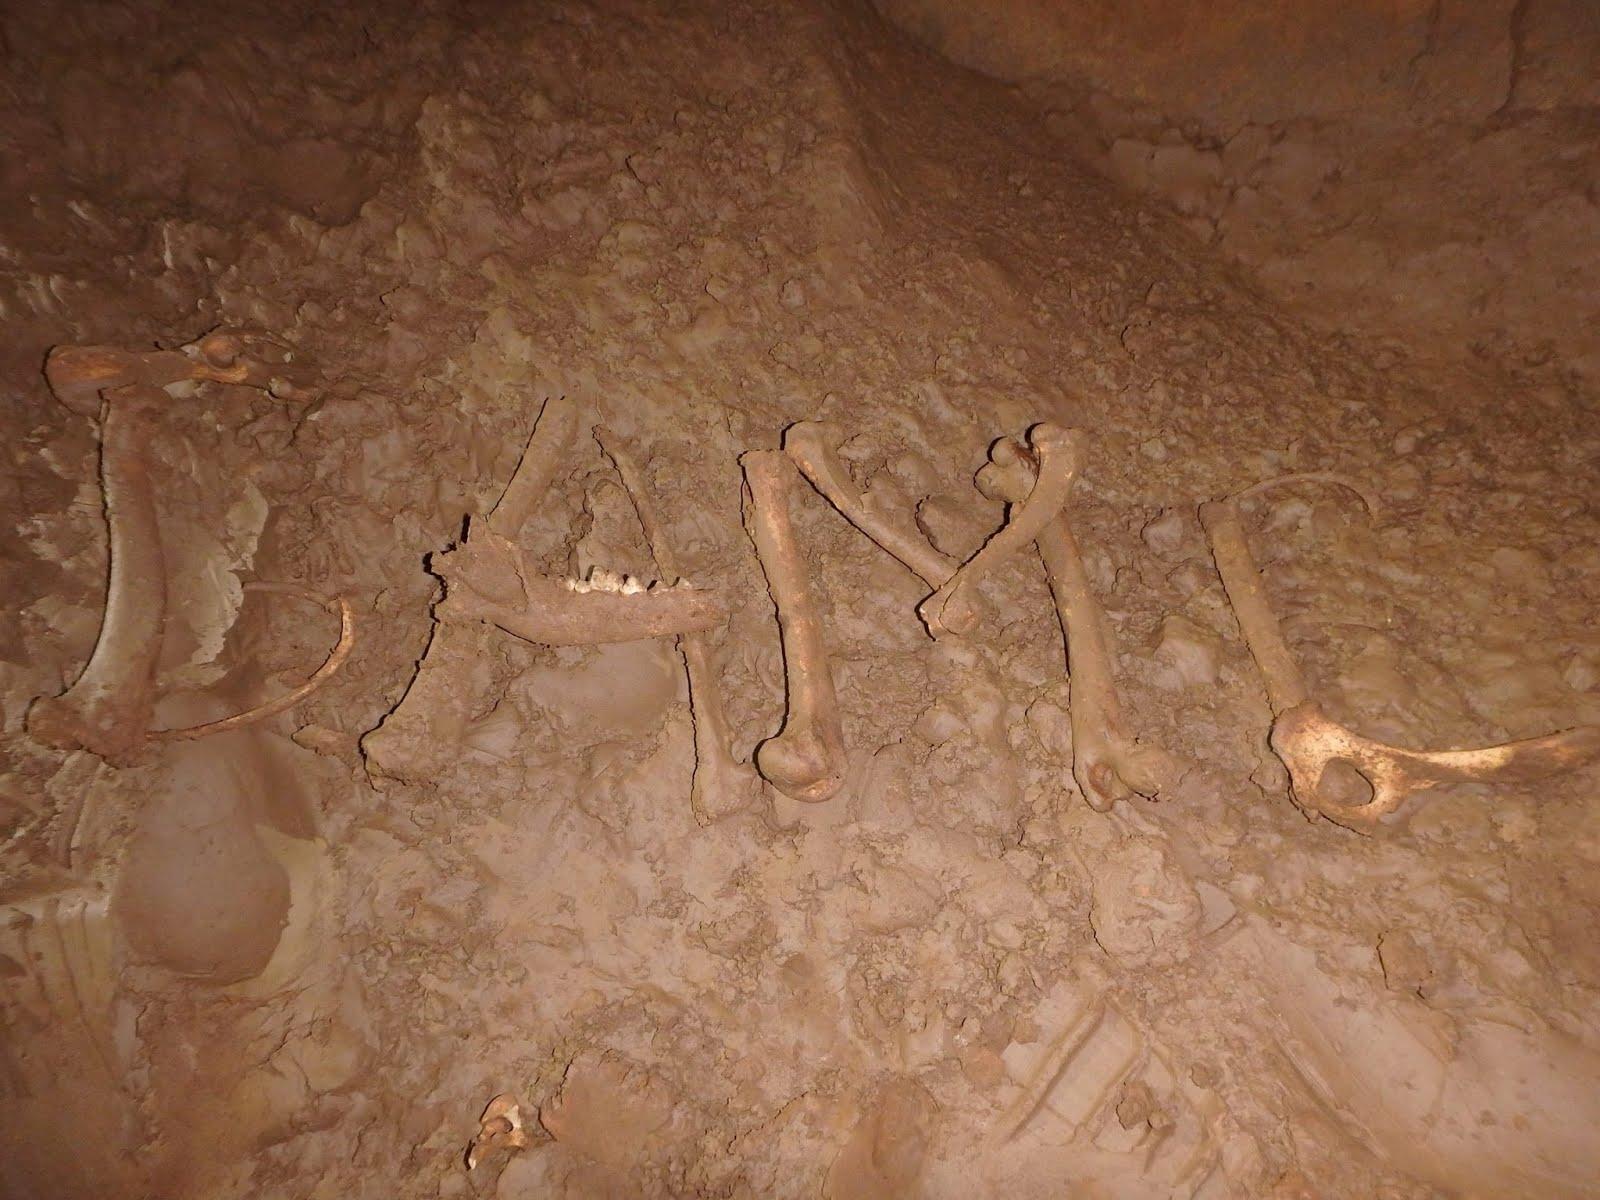 GAME de huesos bajo tierra.